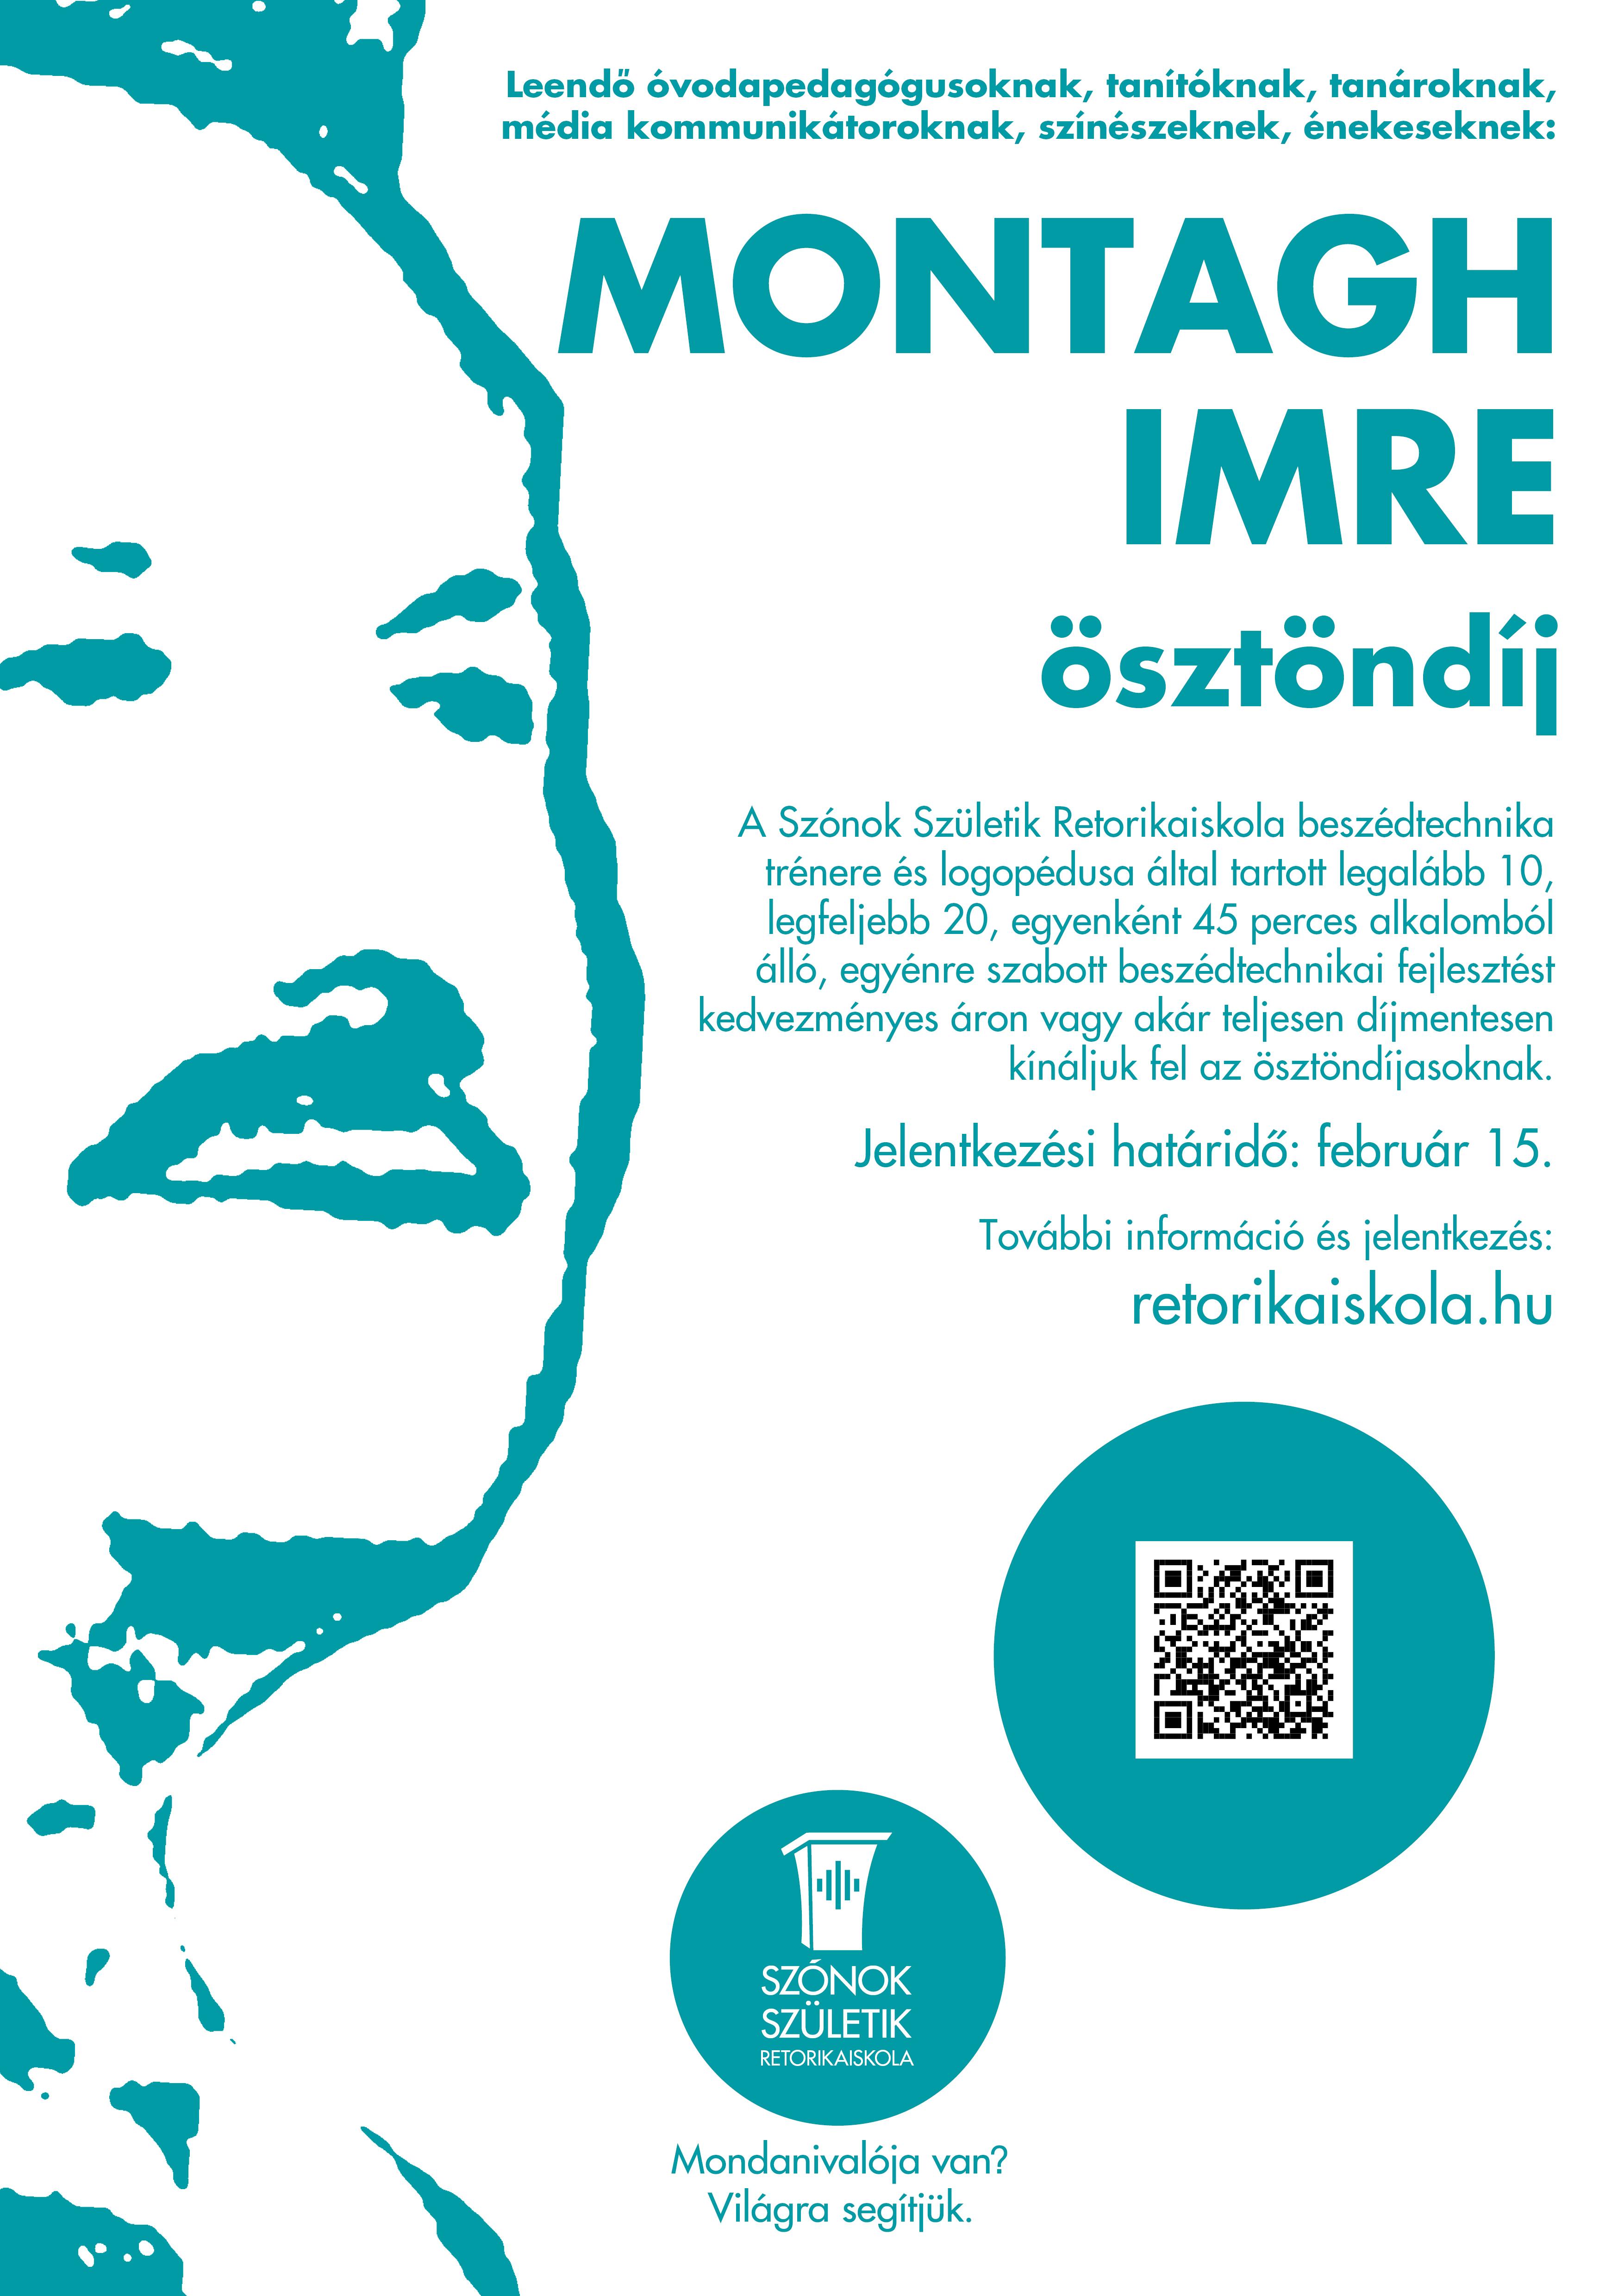 Montágh Imre-ösztöndíj 2020 tavasz